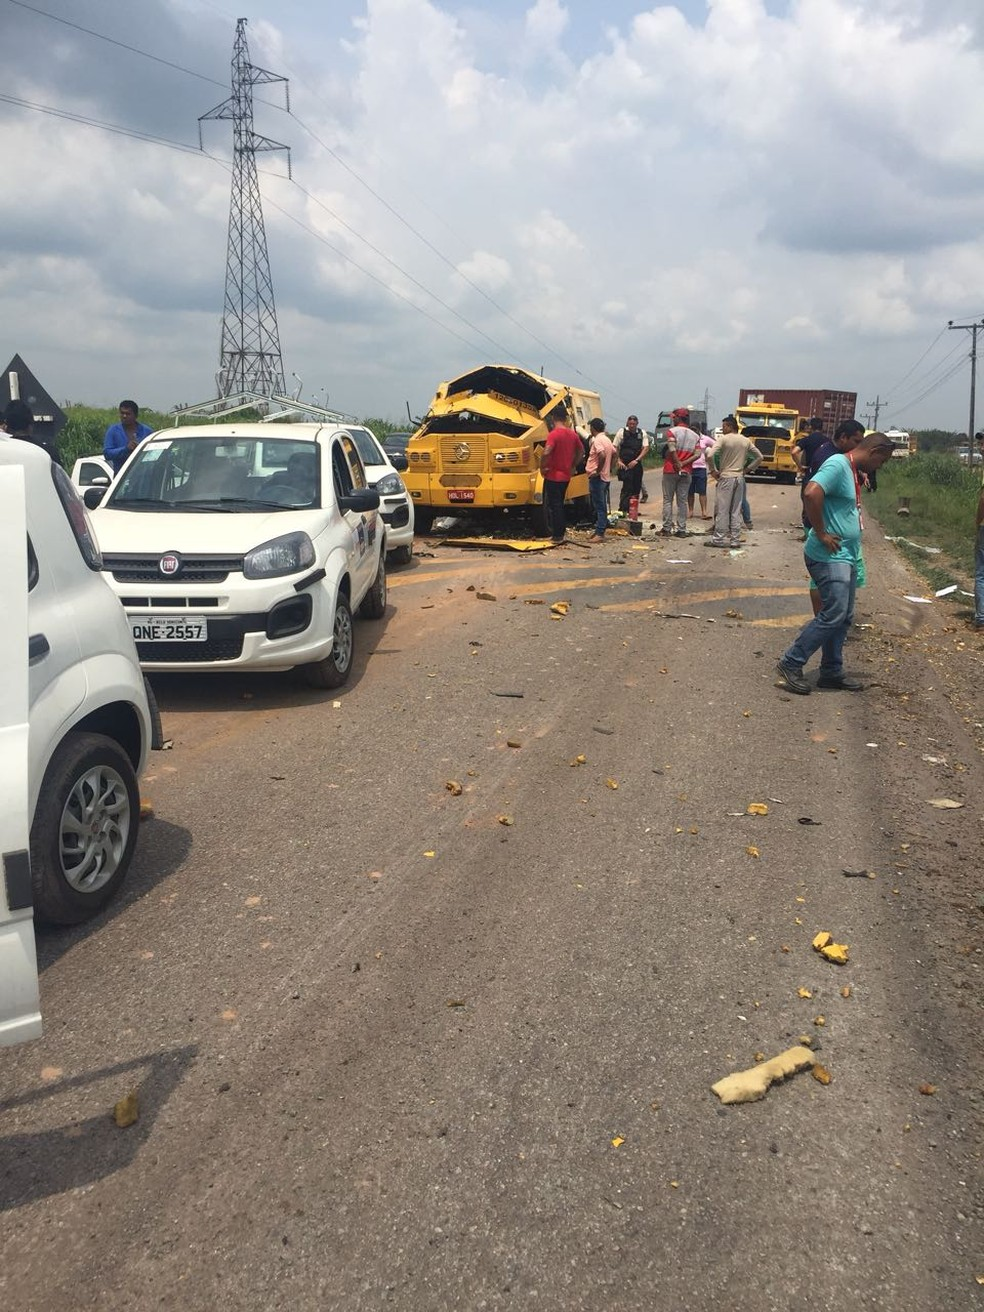 Os assaltantes explodiram um dos veículos. O outro foi metralhado. (Foto: Ascom / PRF)